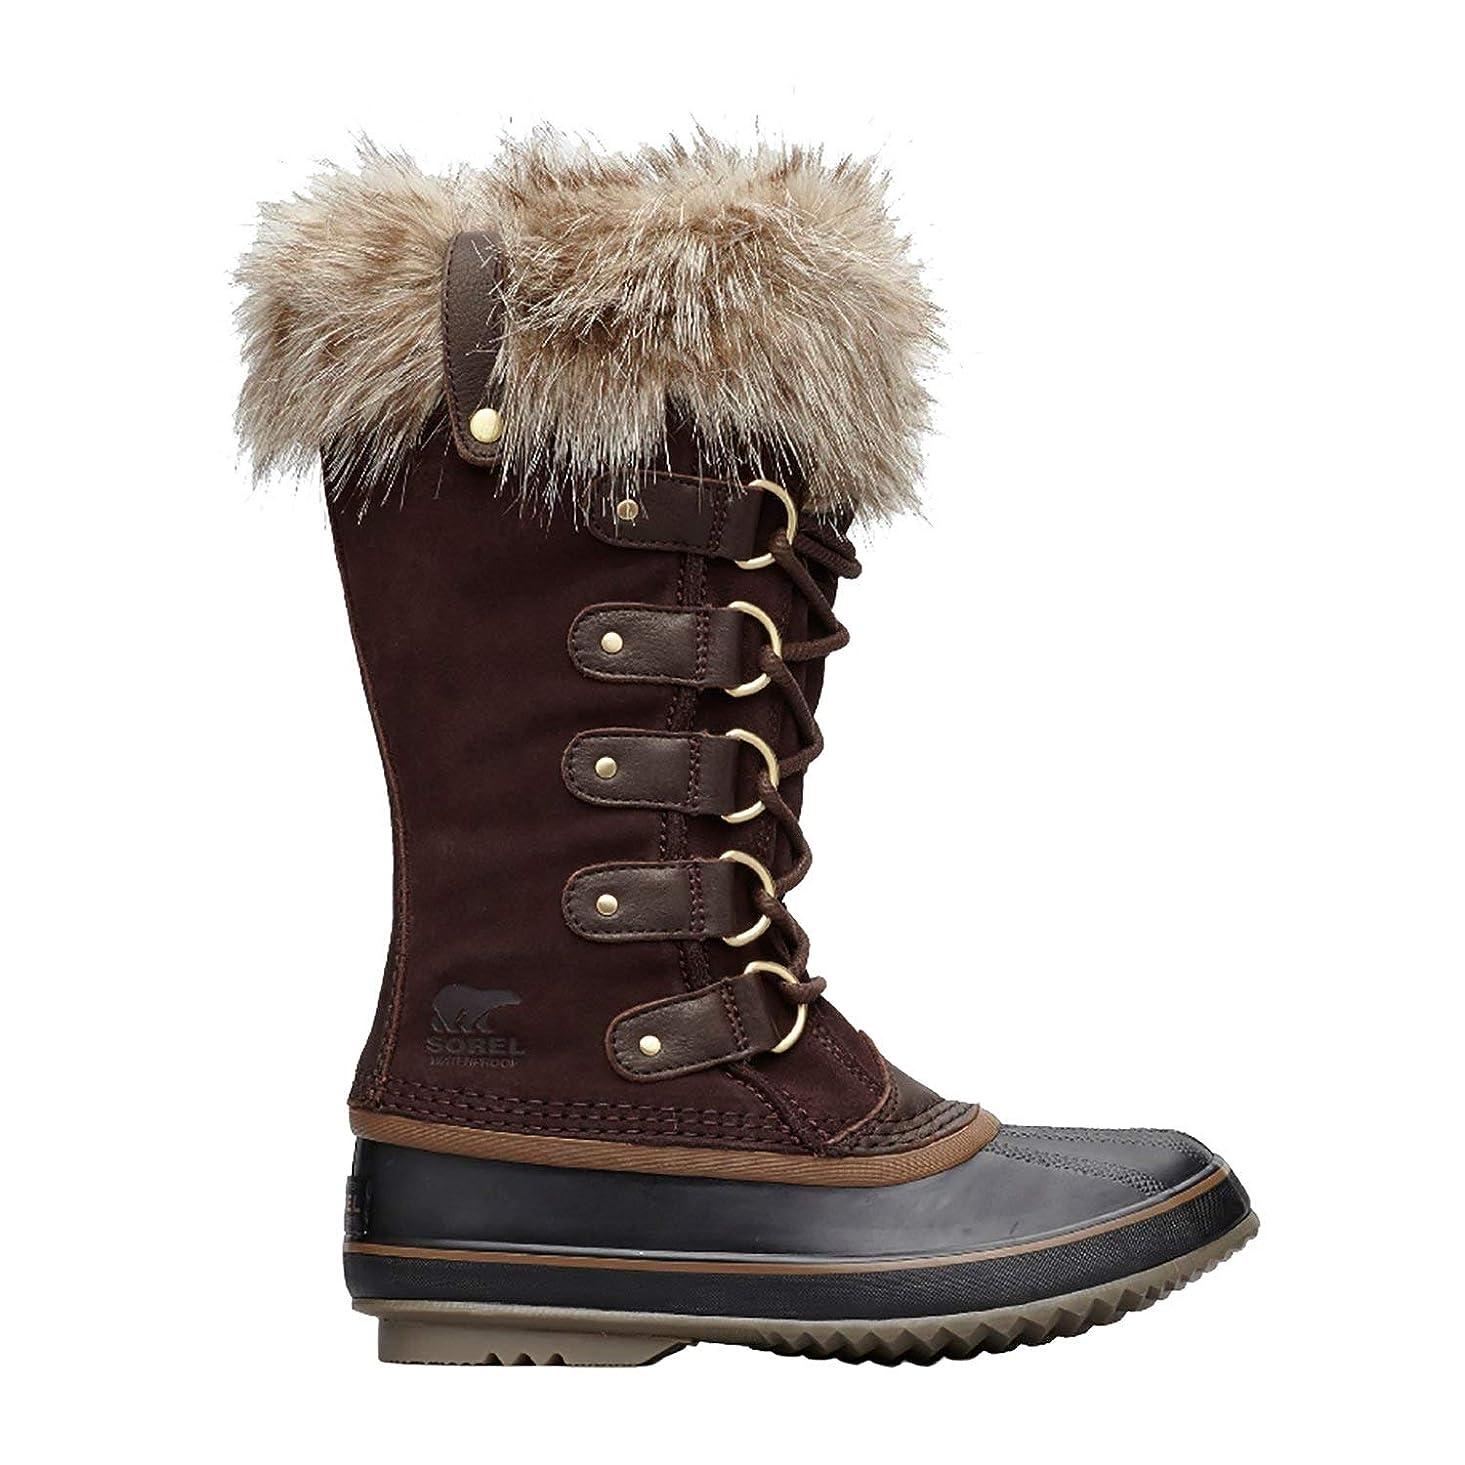 有名な感動する入場料[ソレル] レディース 女性用 シューズ 靴 ブーツ スノーブーツ Joan of Arctic(TM) - Cattail [並行輸入品]